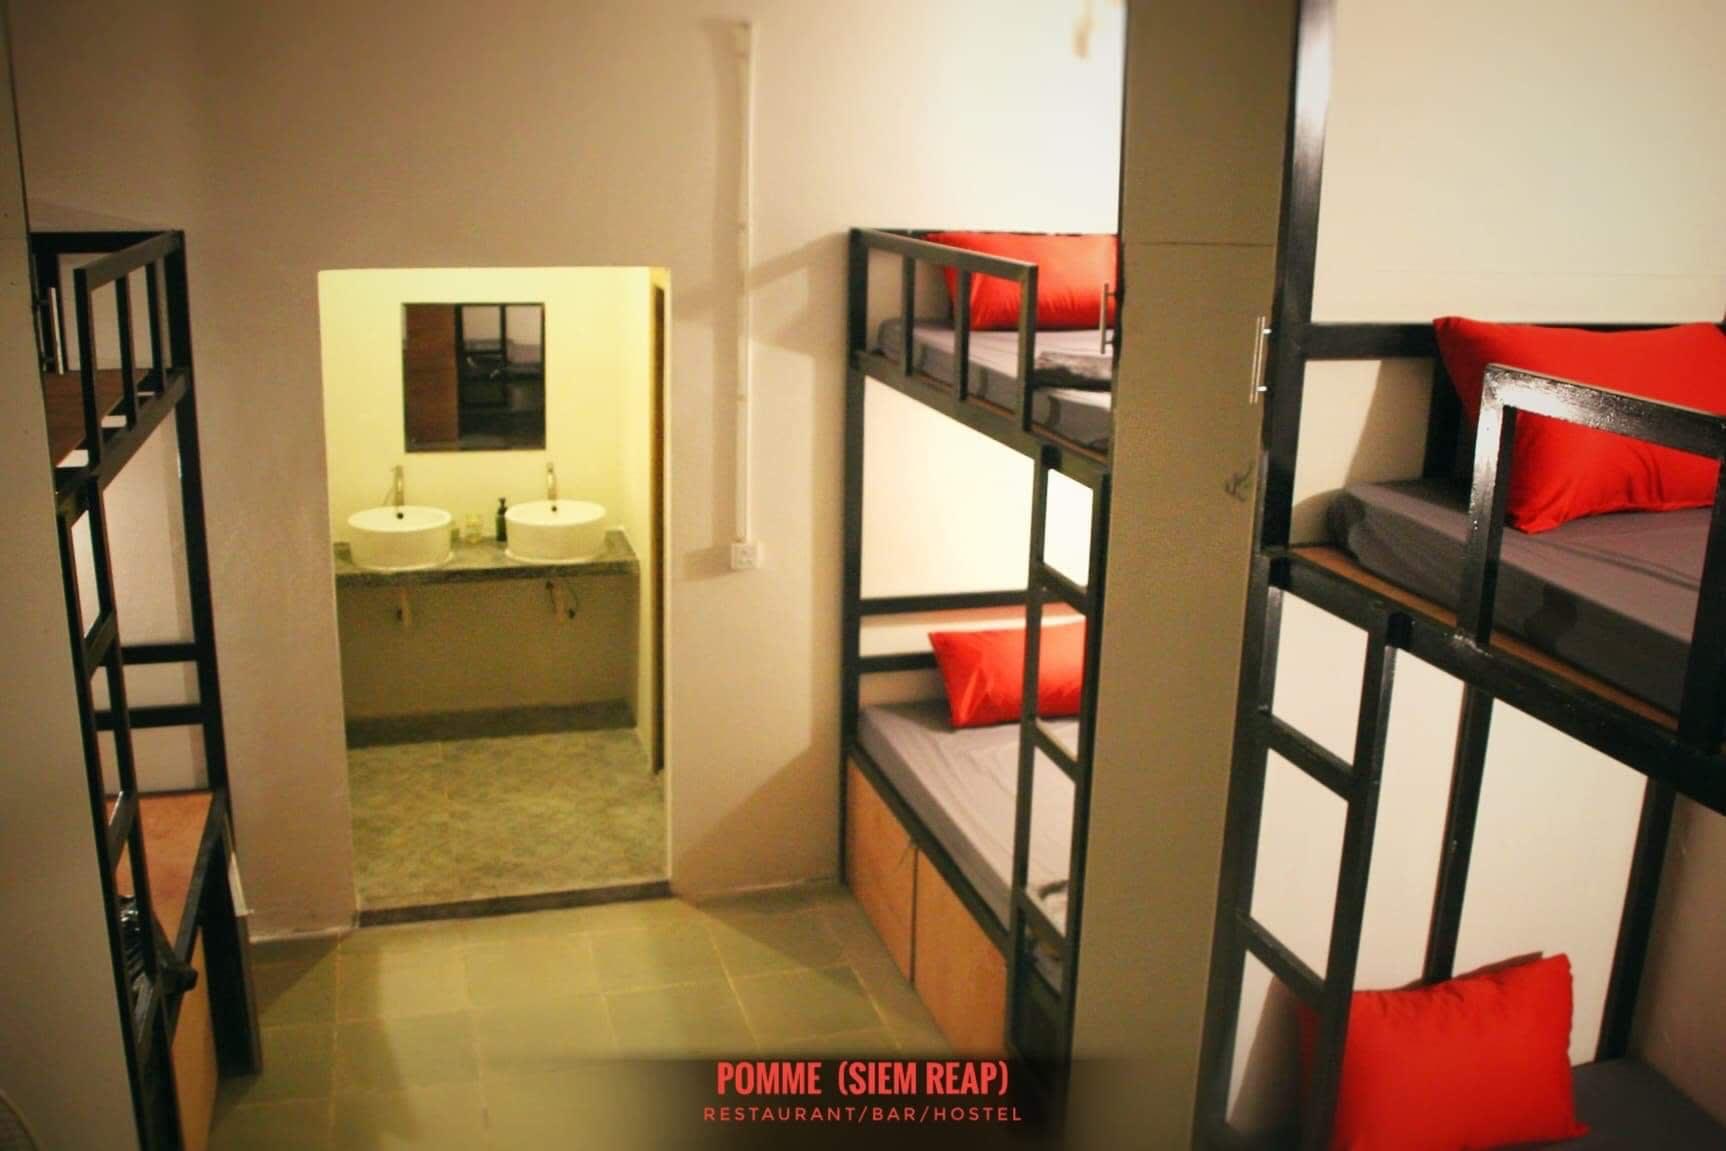 HOSTEL - Pomme Restaurant Bar and Hostel